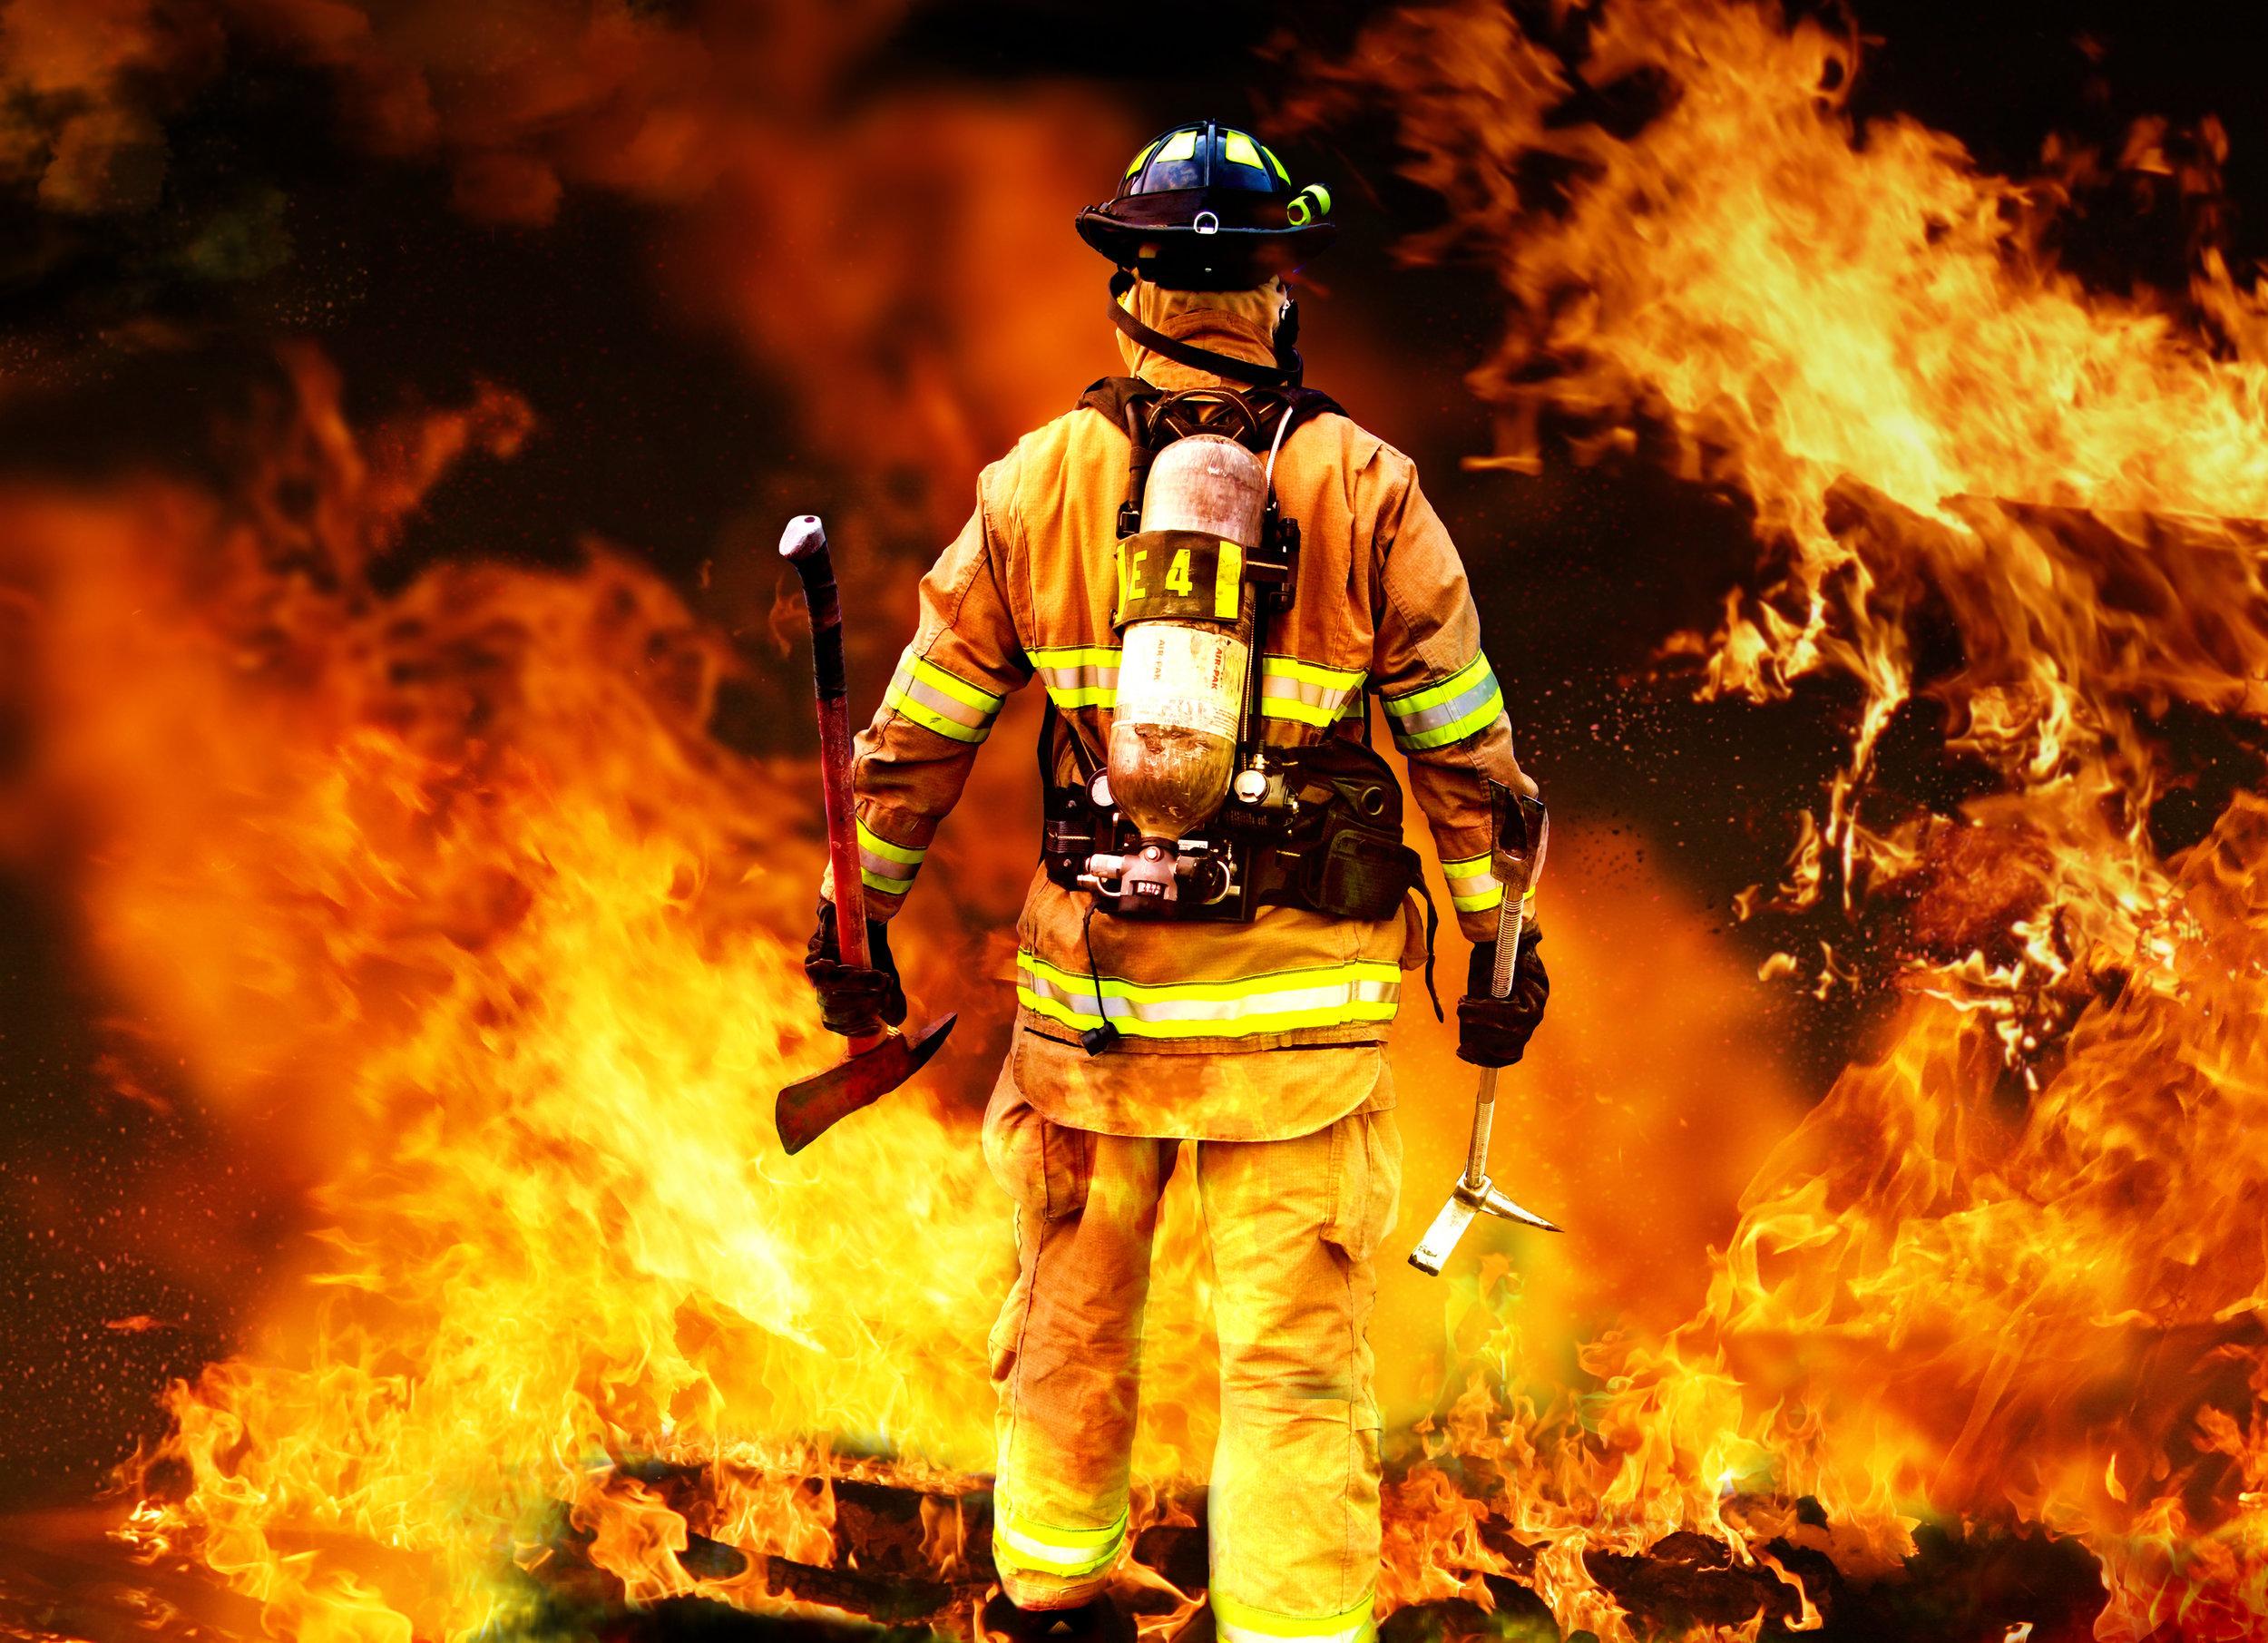 Séchoir à habits de pompier  Séchoir à combinaisons de sauvetage  Service incendie  Séchoir bunker  Séchoir bunkers  Séchoir à bunker  Séchoir à bunkers  Séchoir Ice commander  Séchoir pour Ice Commander